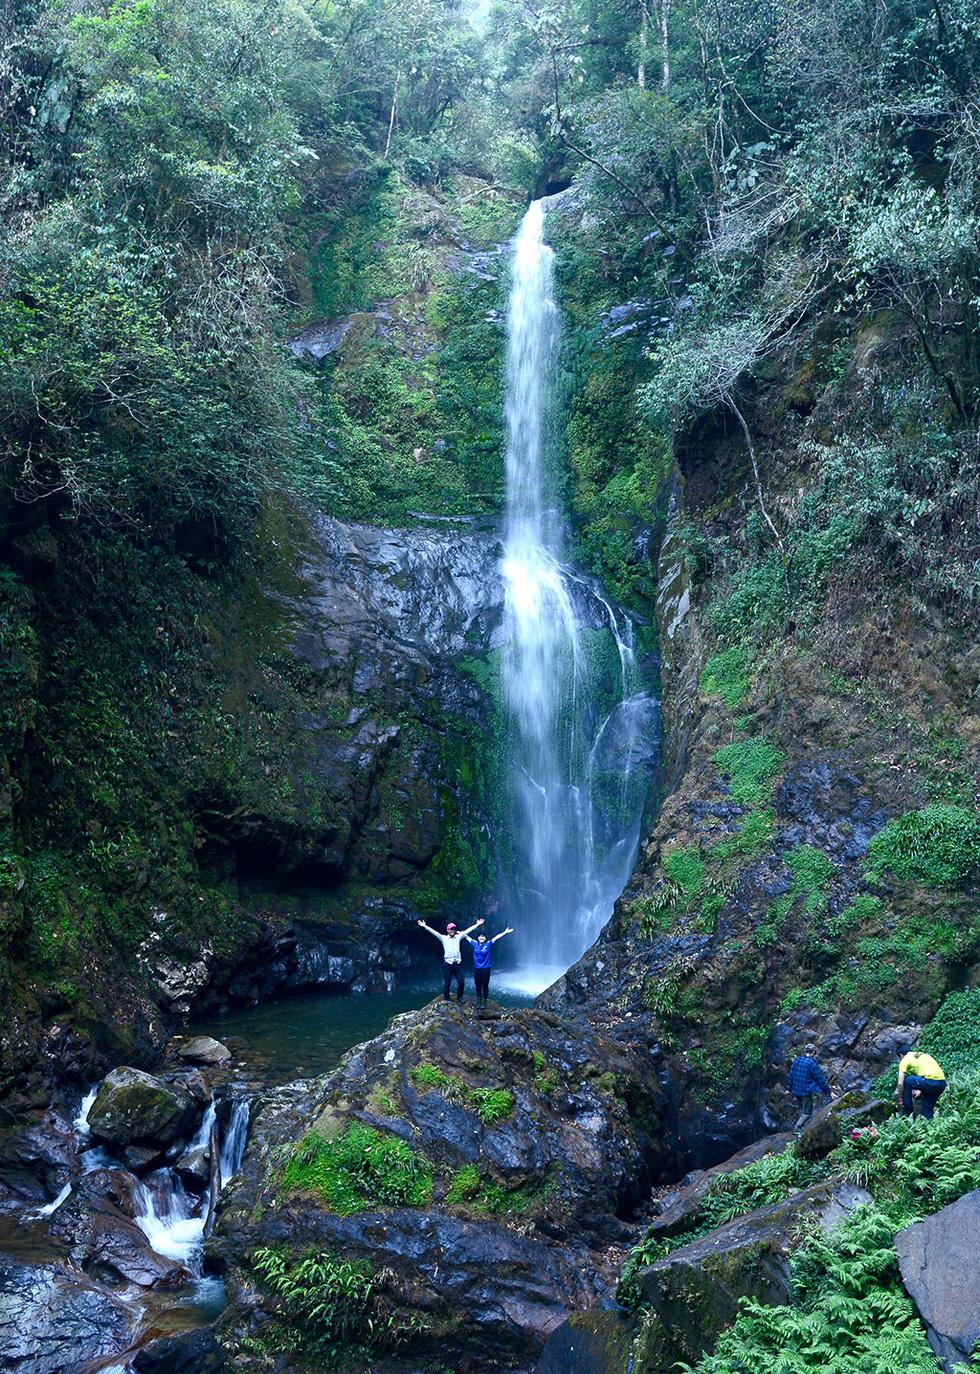 Thác nước hùng vĩ gần đỉnh núi Tà Xùa - Ảnh: HẢI DƯƠNG